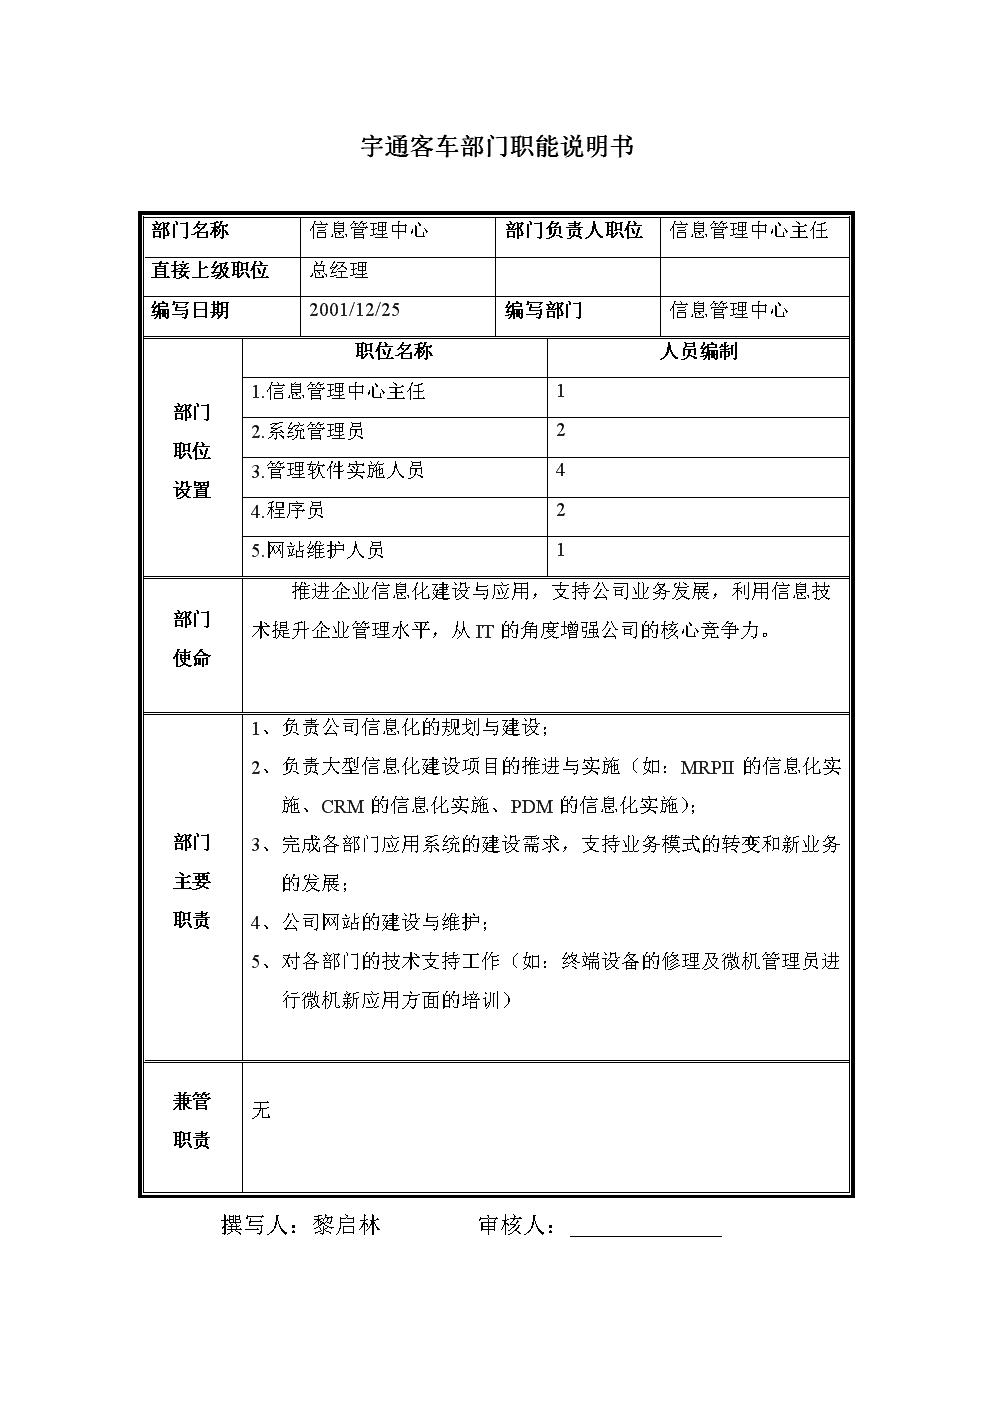 部门职能说明书-信息管理中心.doc